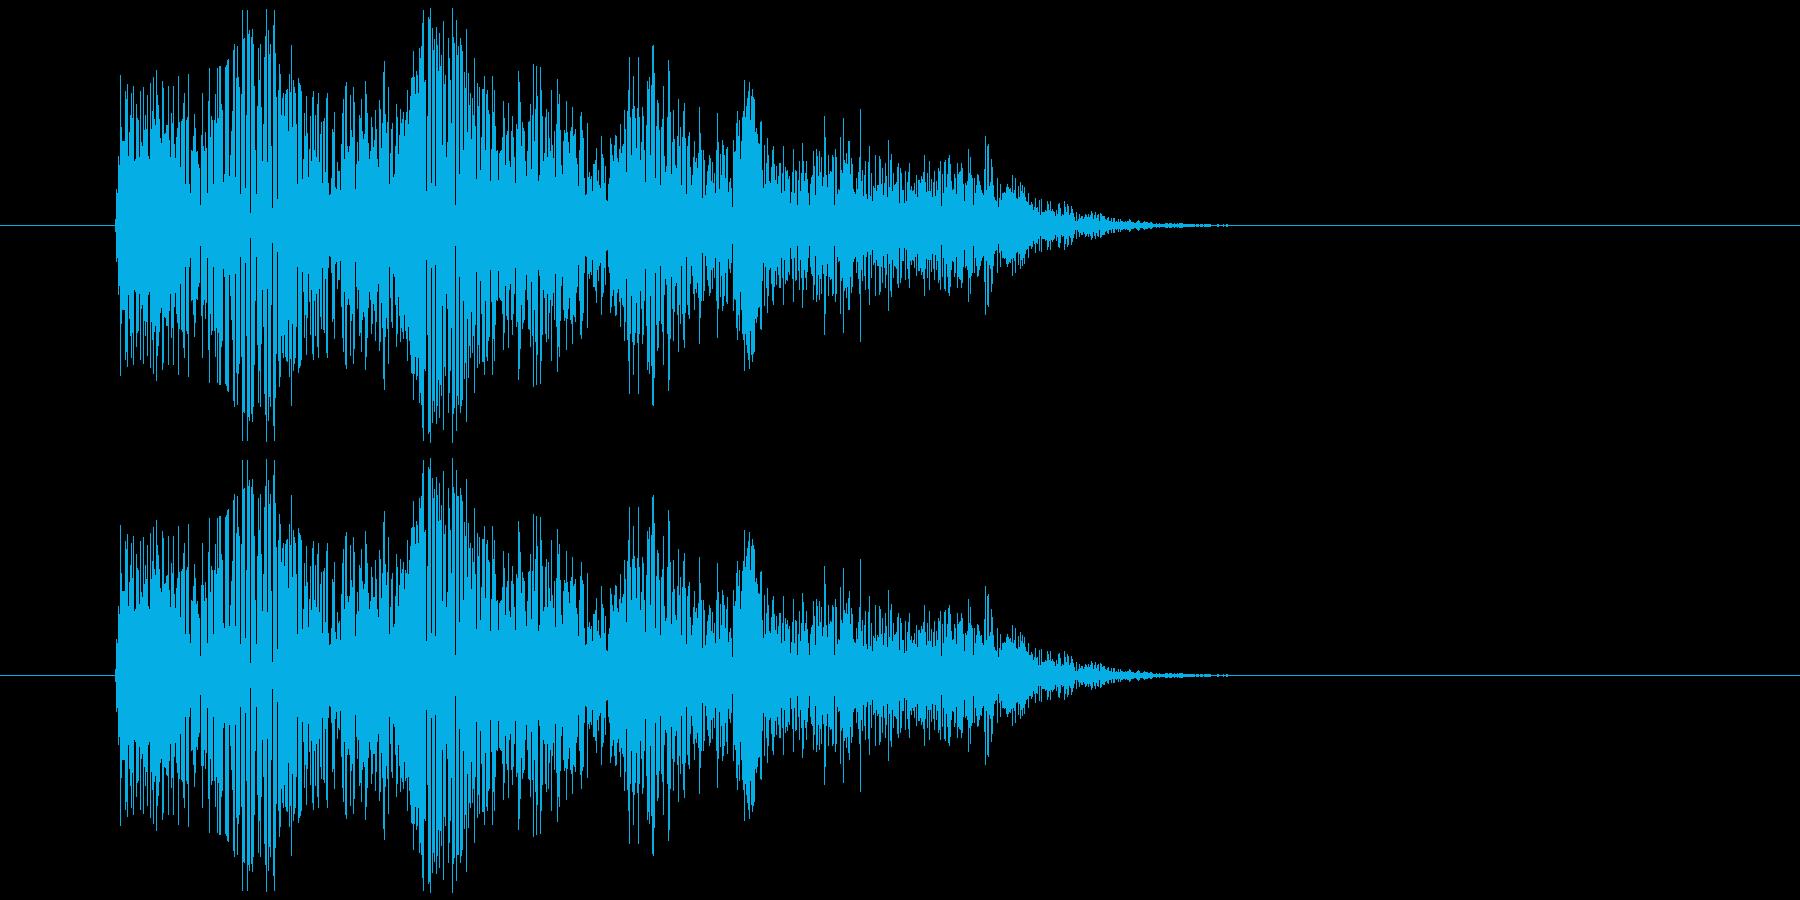 きもいグジュグジュ音の再生済みの波形